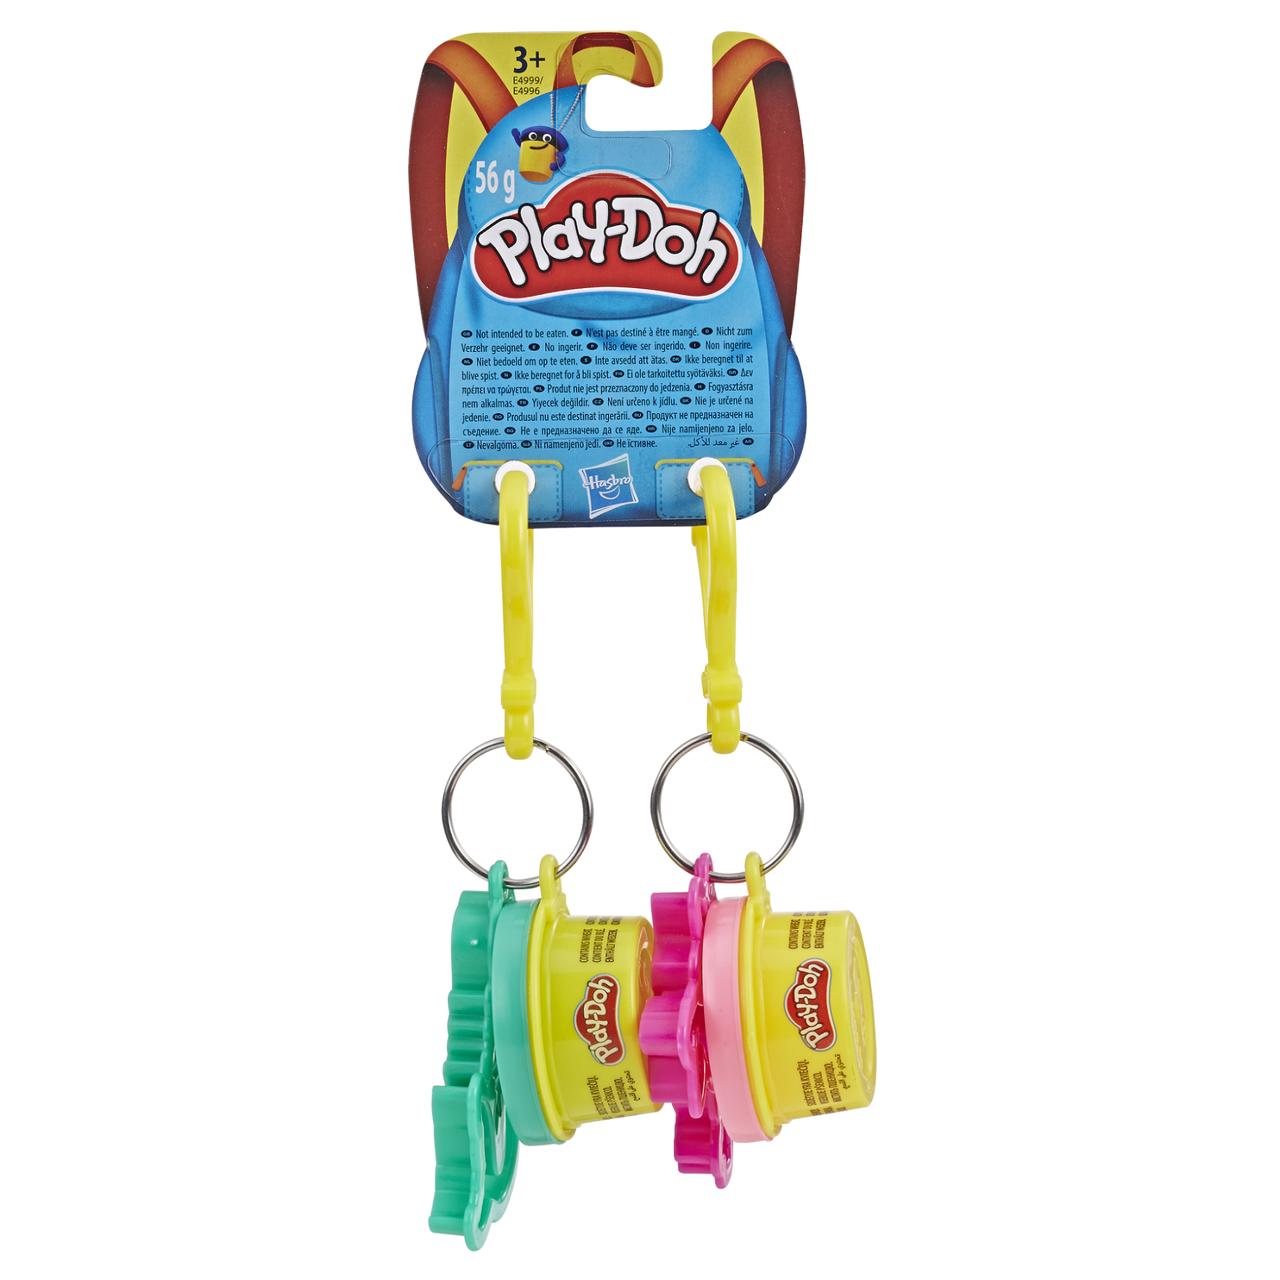 """Пластилин для детской лепки Плей-До """"Брелоки с двумя баночками и формочками"""" (E4996_E4999)"""